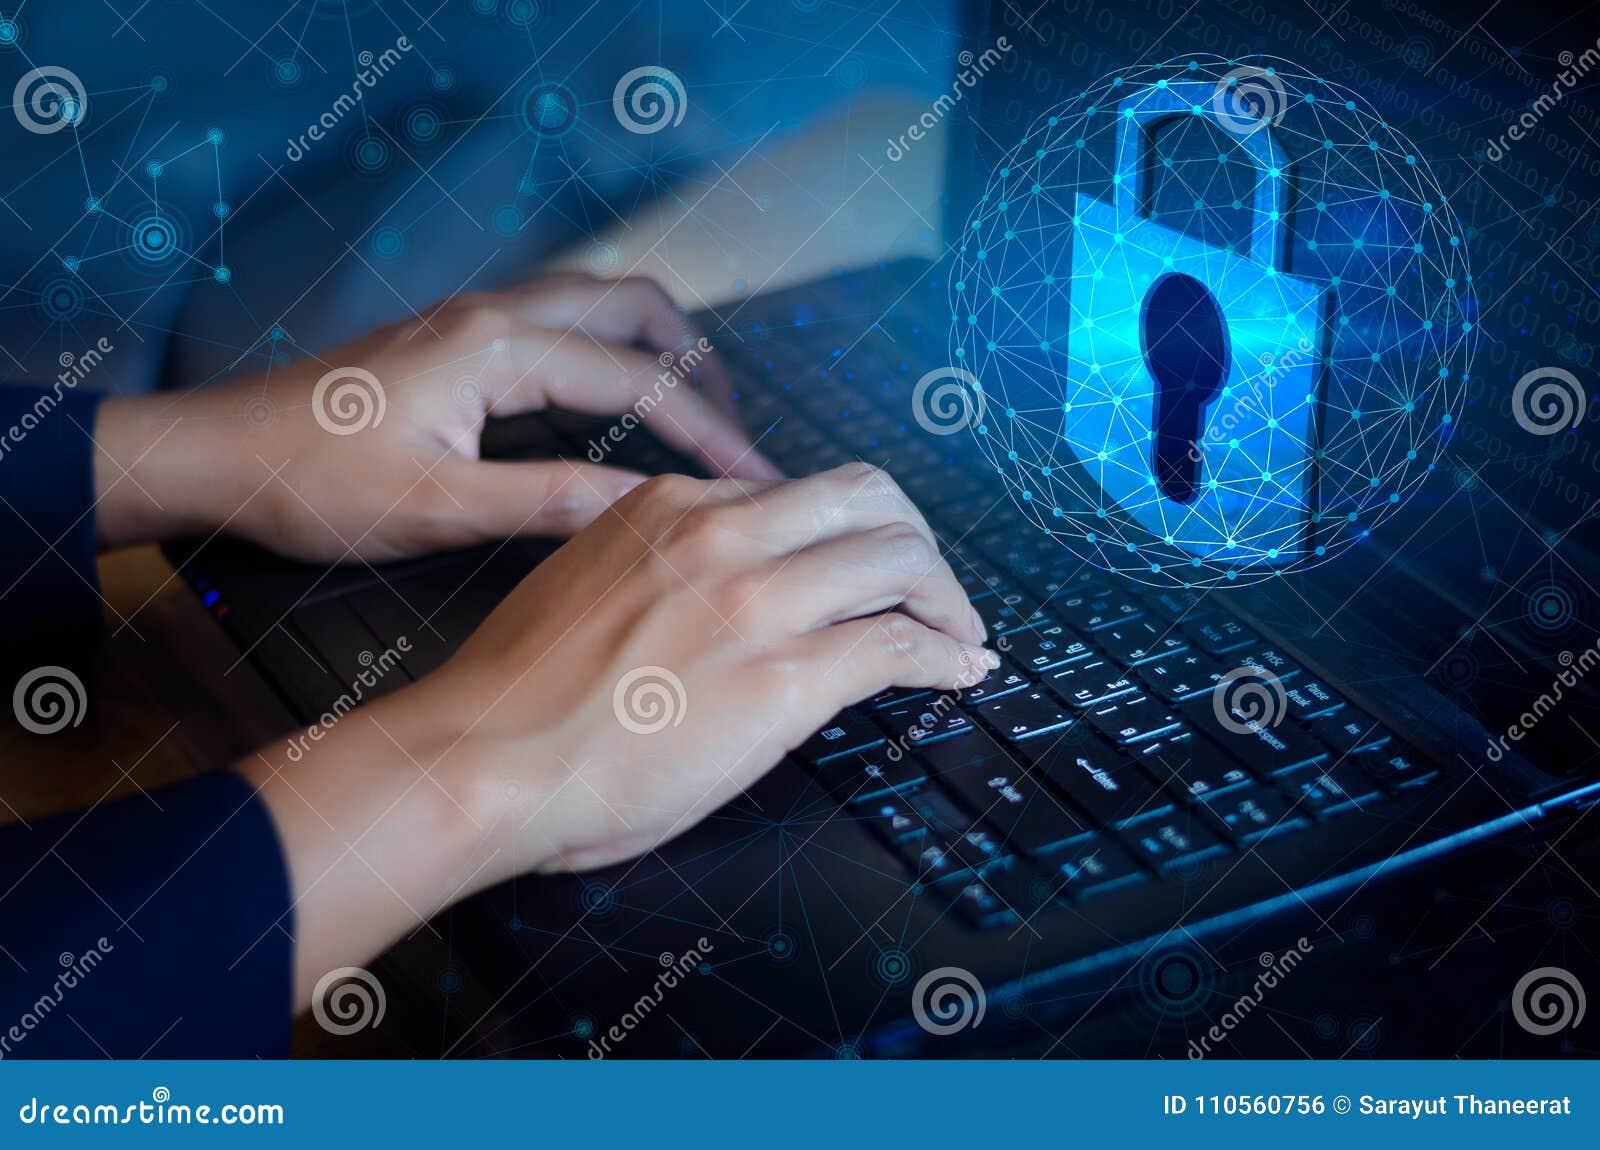 Отожмите войдите кнопку на компьютере Безопасность кибер связи ключевого мира абстрактной технологии системы безопасности замка ц